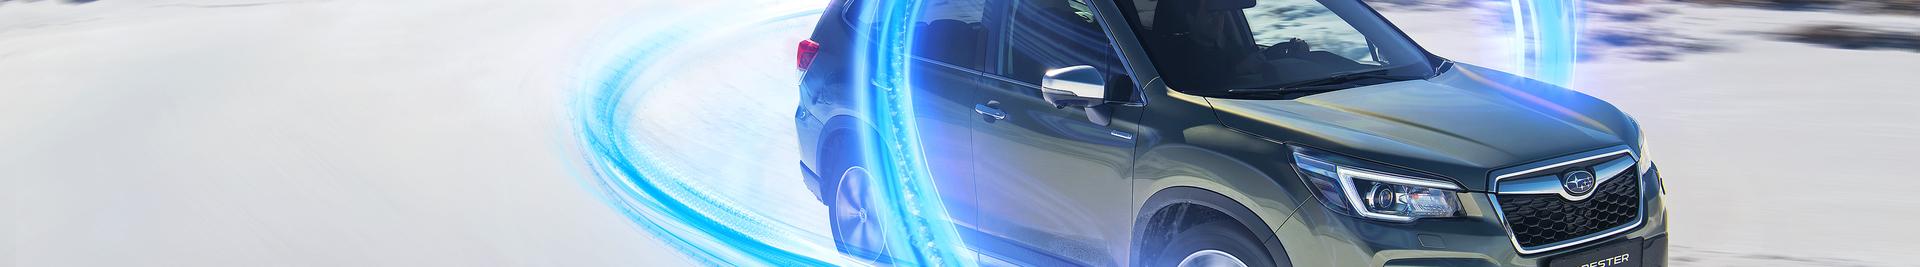 Zadbaj o Bezpieczną Zimę z Subaru!